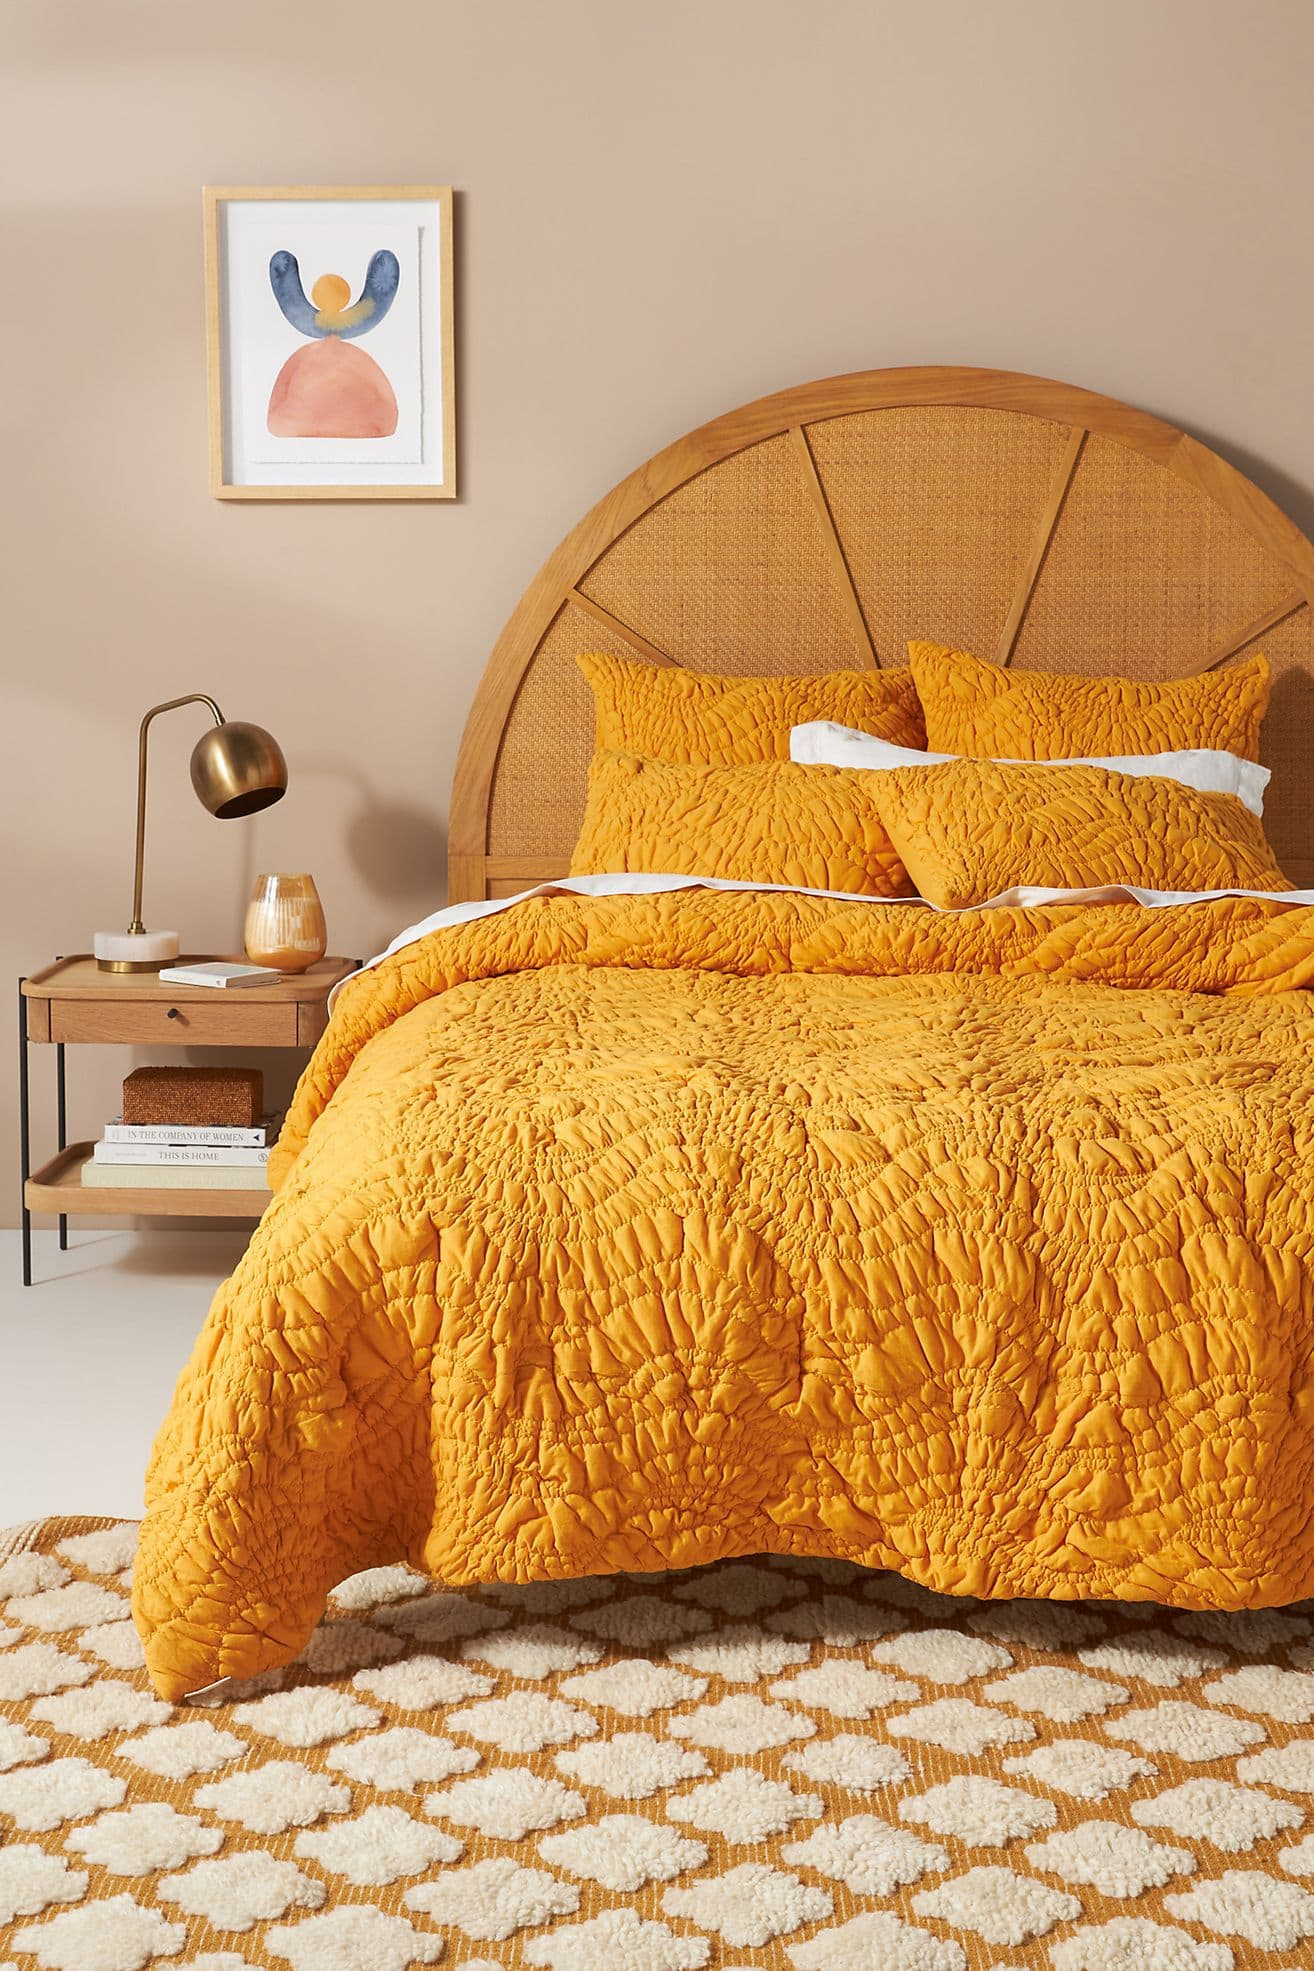 Bright, Textured Bedding